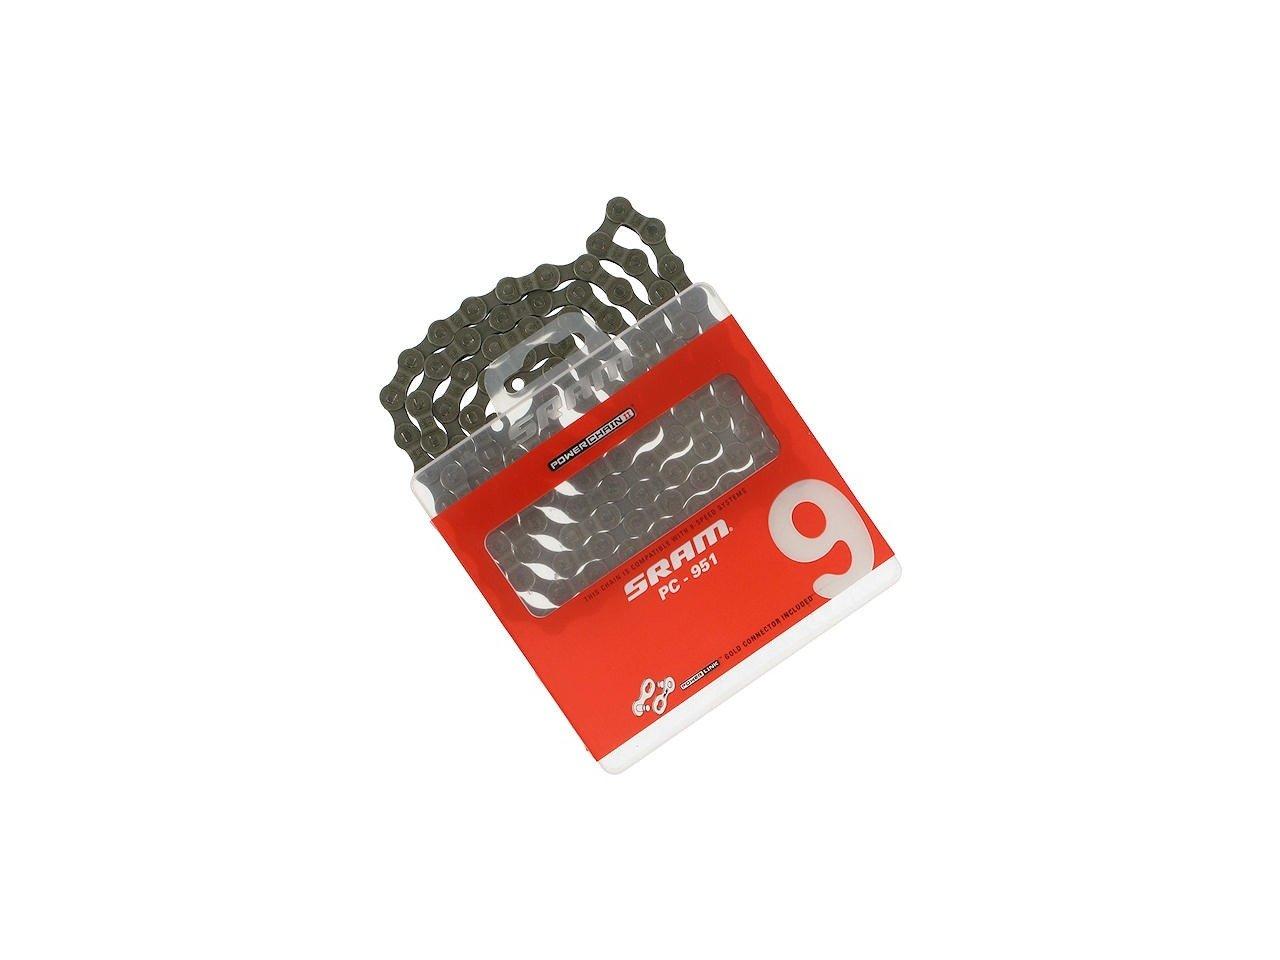 SRAM PC-951 9-Speed Bike Chain Road//MTB